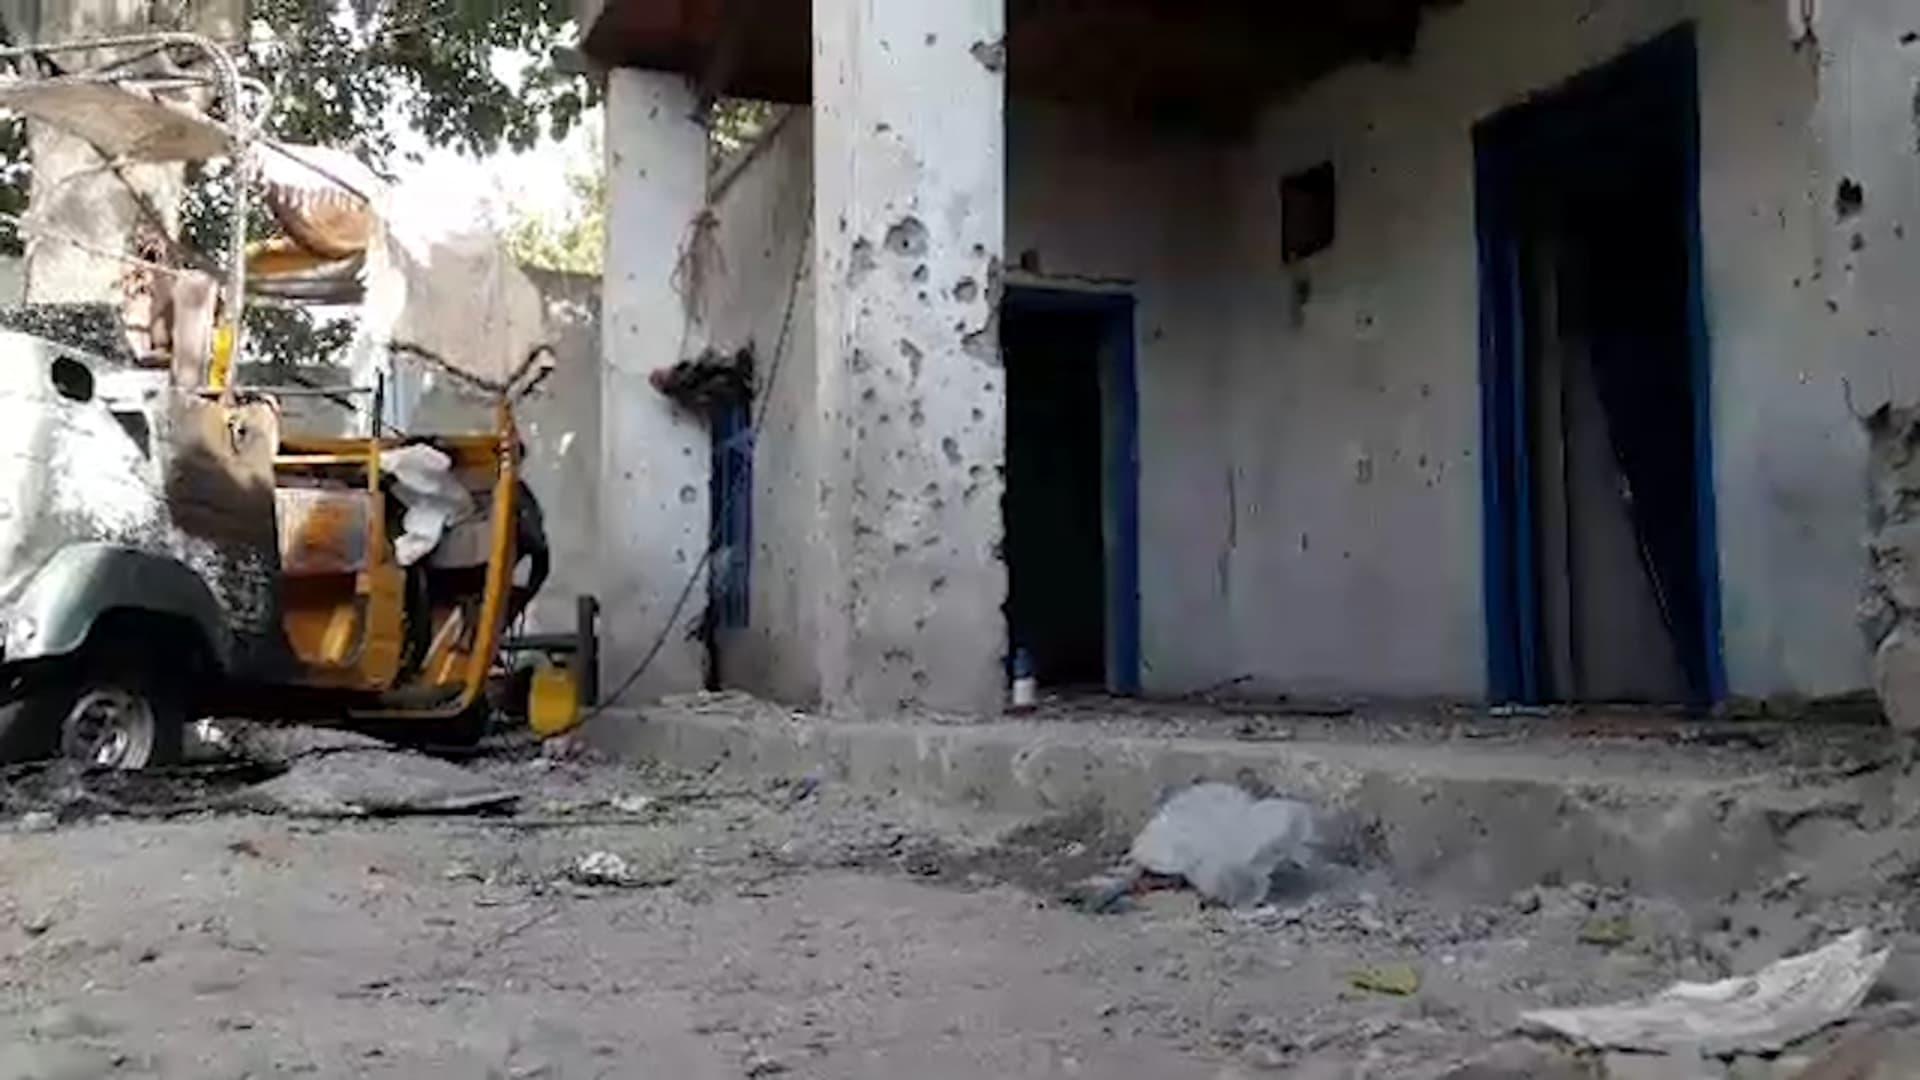 شاهد.. لقطات حصرية لآثار الضربة الأمريكية ضد عناصر تنظيم داعش خراسان